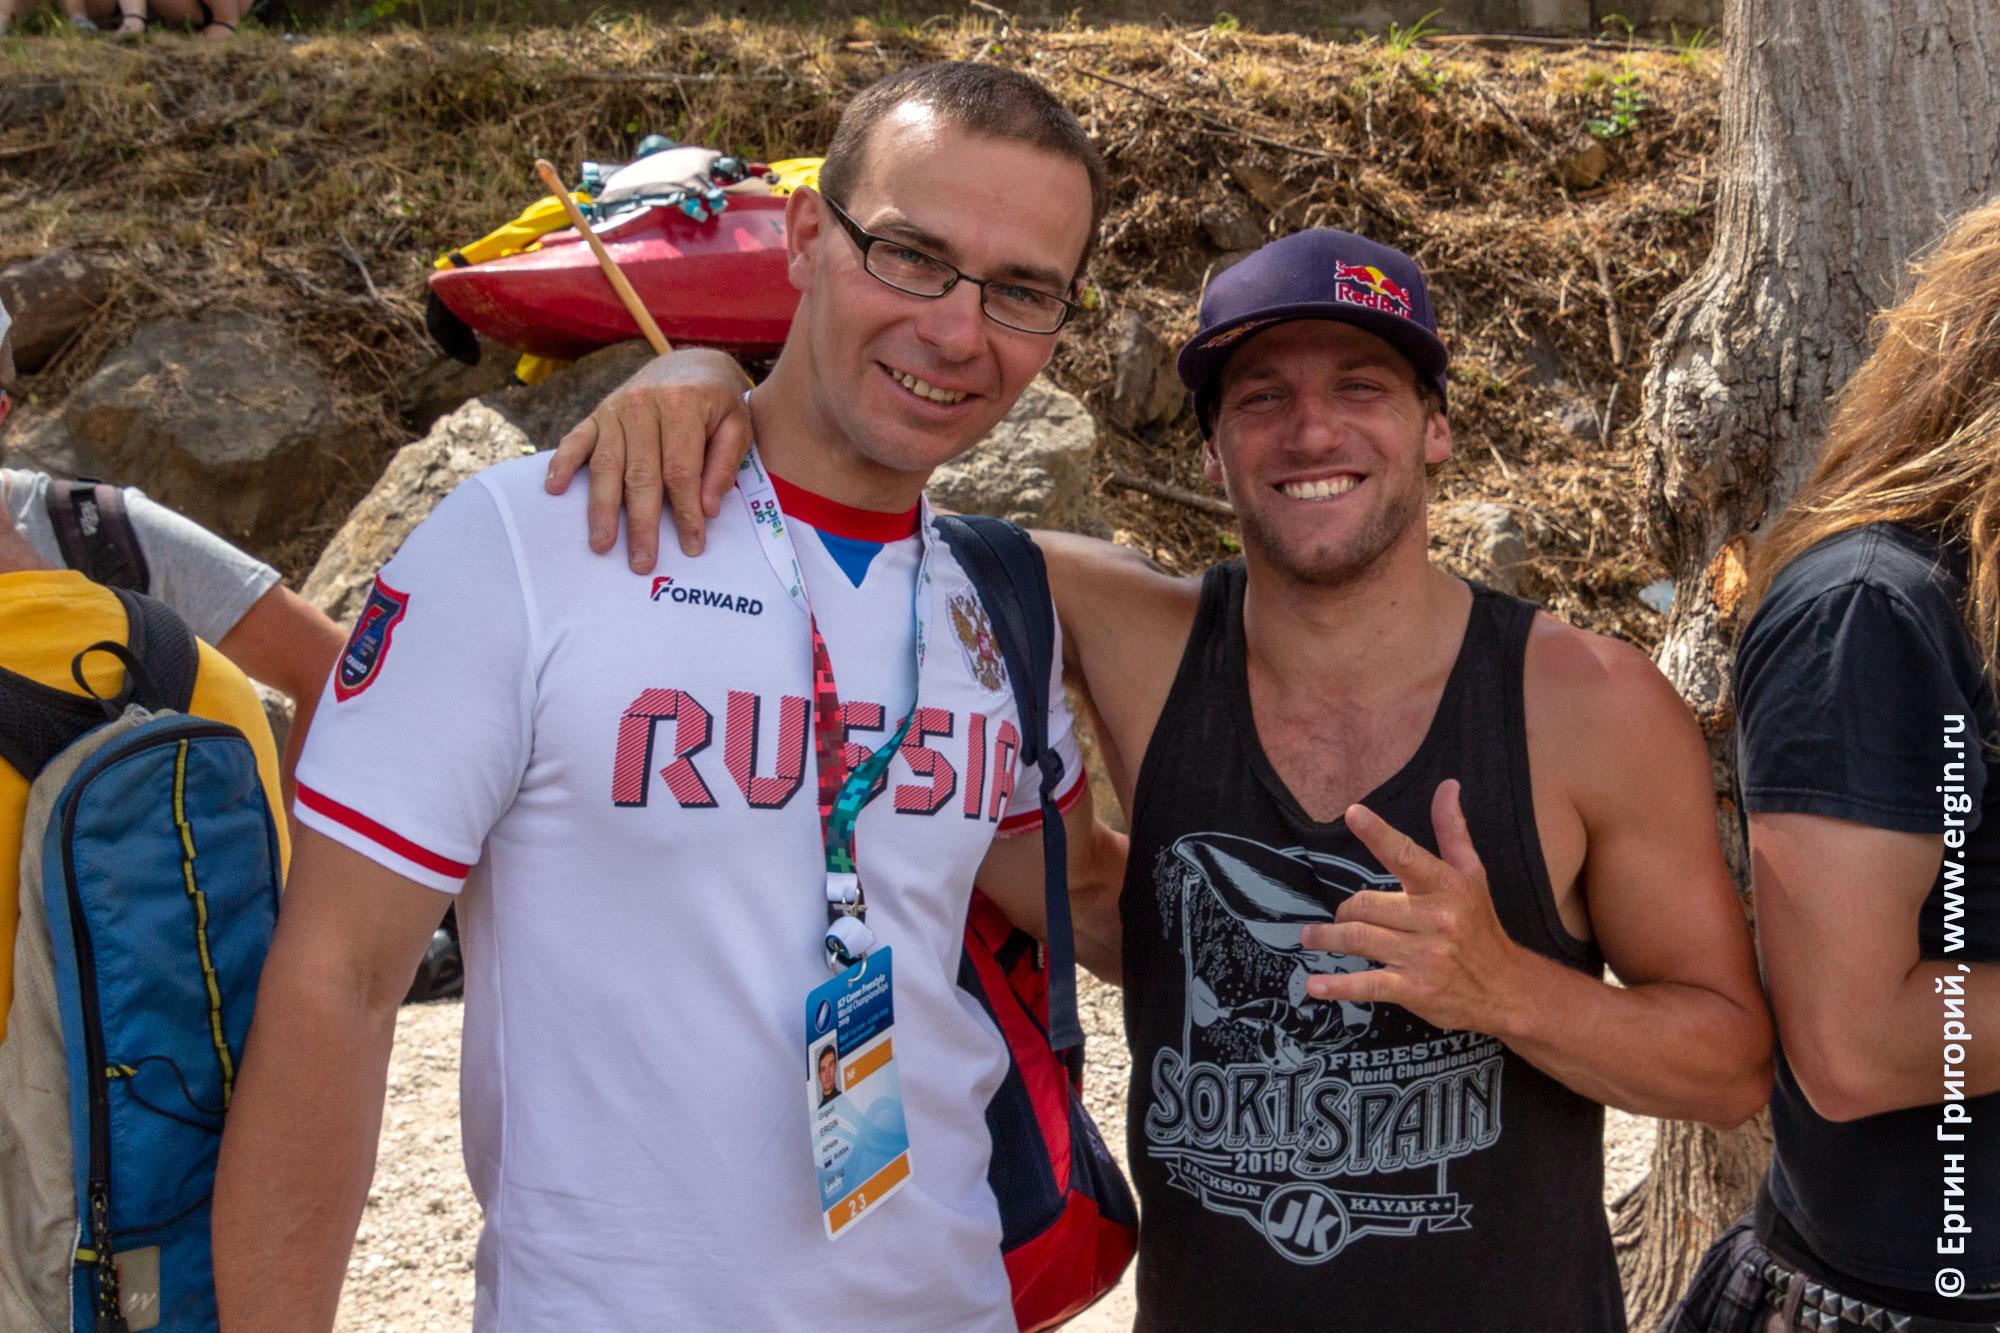 Вместе с Дейном Джексоном на Чемпионате Мира по фристайл-каякингу в Сорте